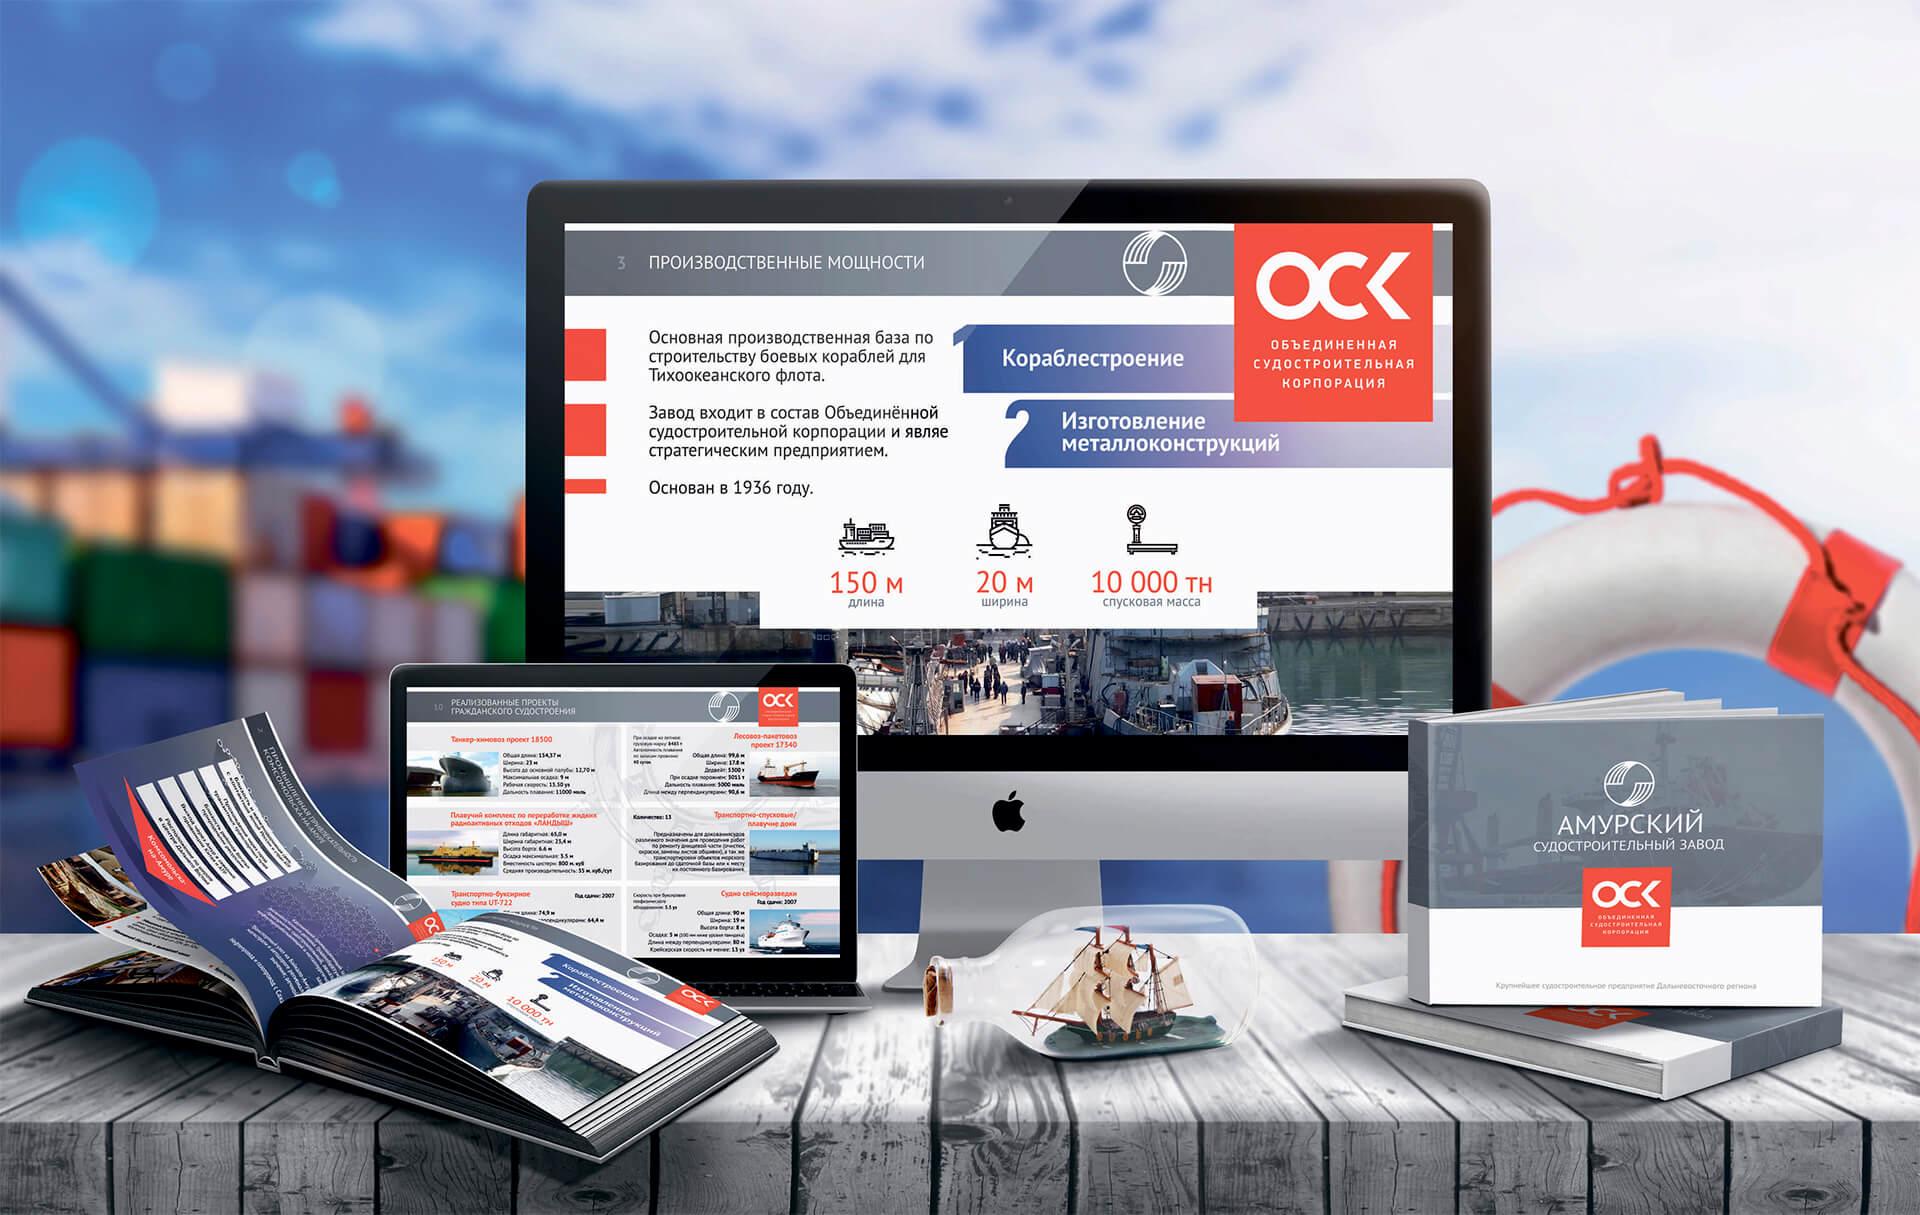 Презентация объединенной судостроительной корпорации — ОСК